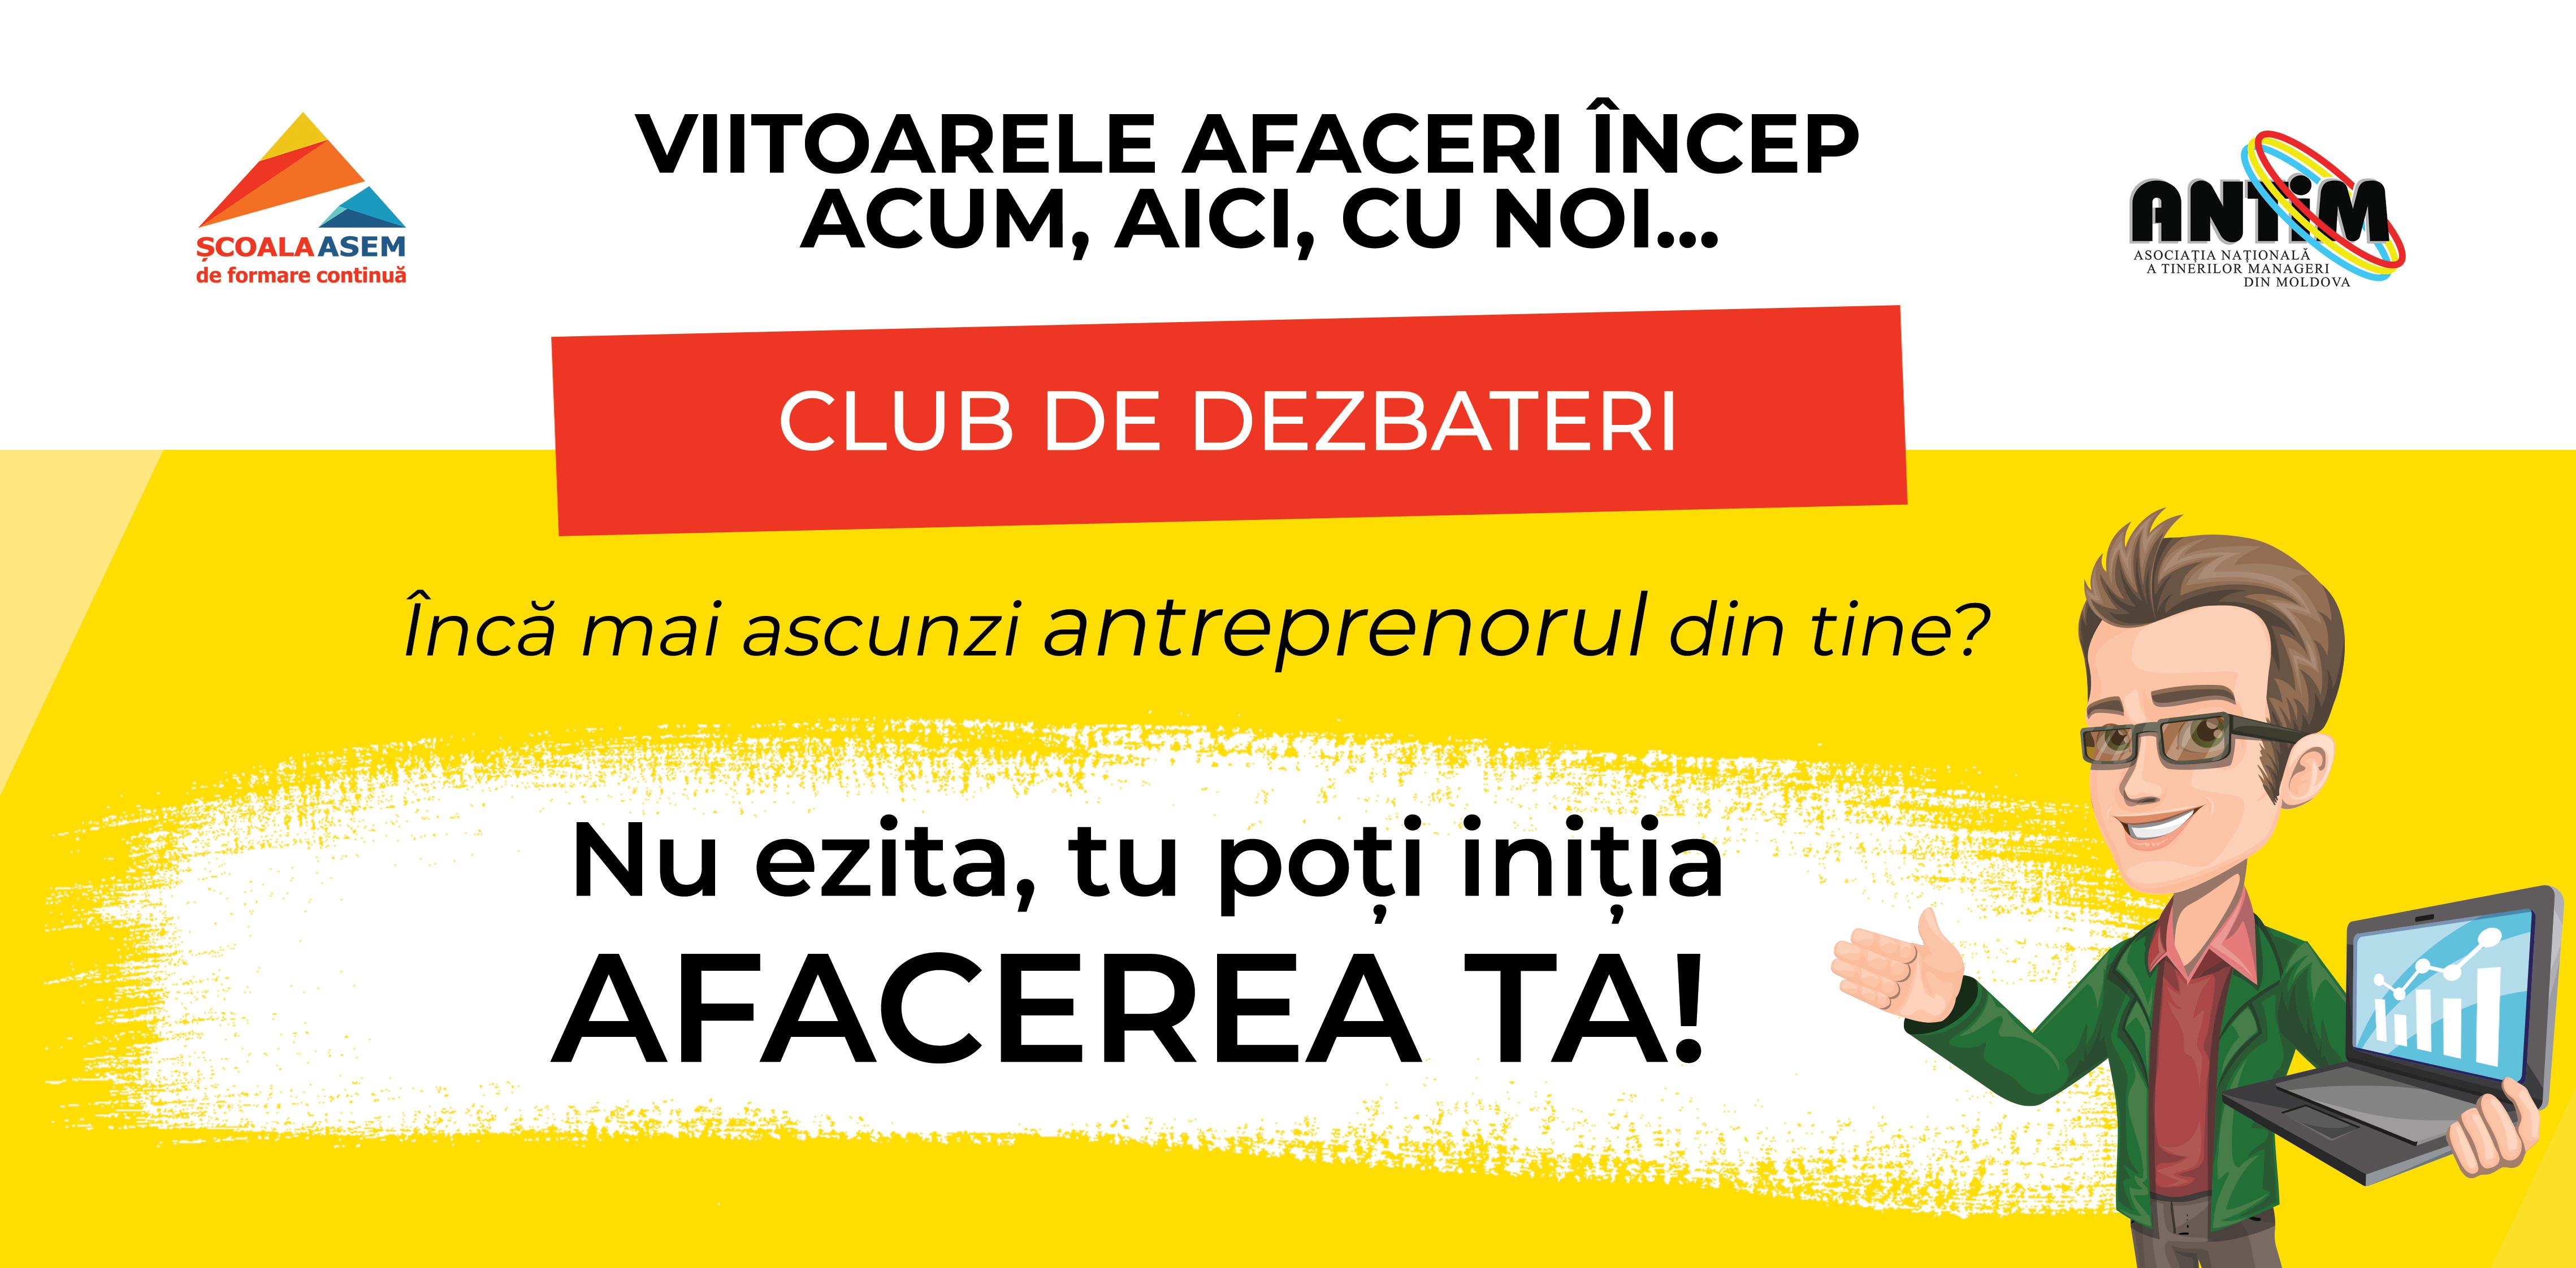 Clubului de Dezbateri – Viitoarele afaceri încep acum, aici, cu noi….